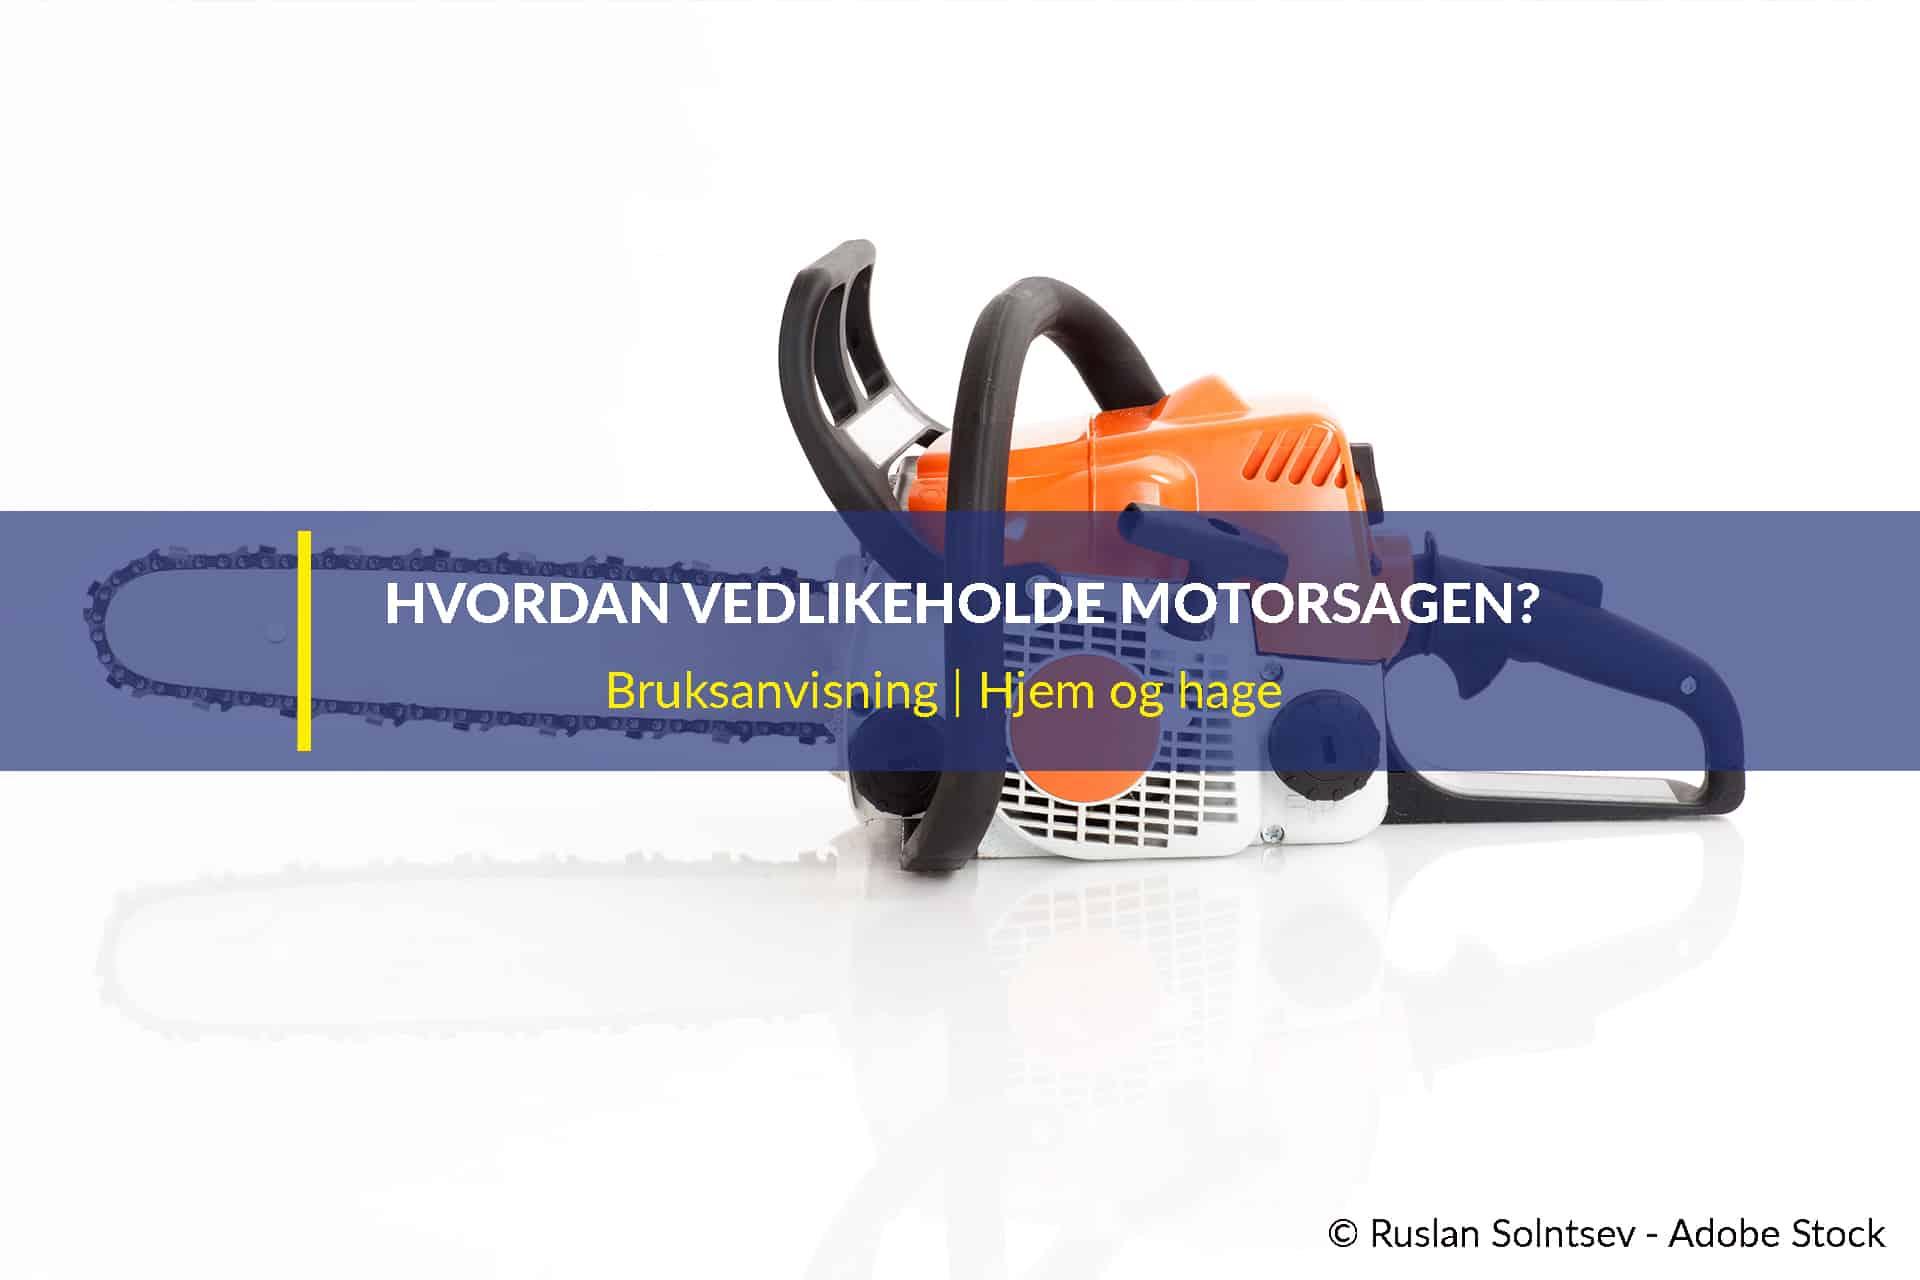 hvordan vedlikeholde motorsagen